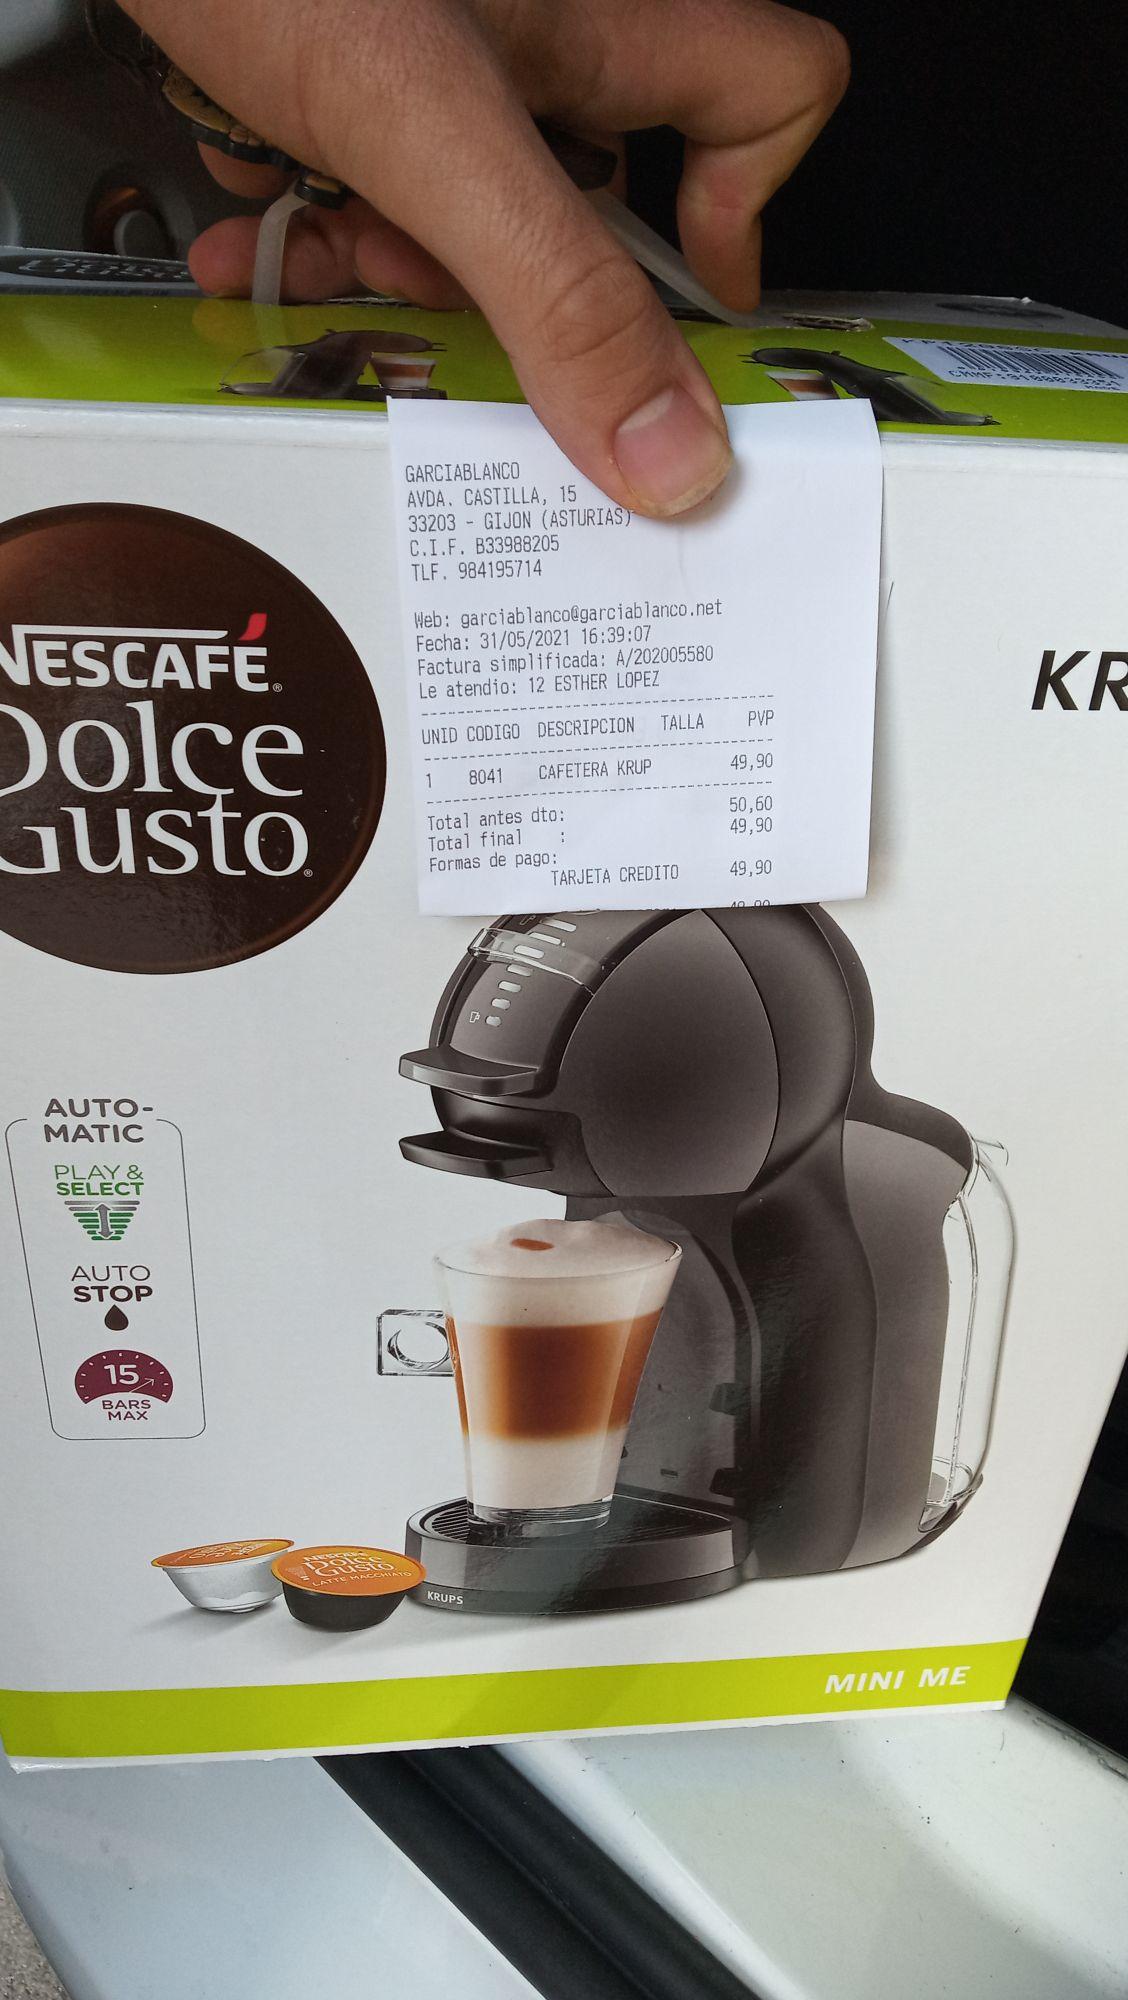 Cafetera Dolce Gusto Krup con selector de intensidad Euronics en Gijón